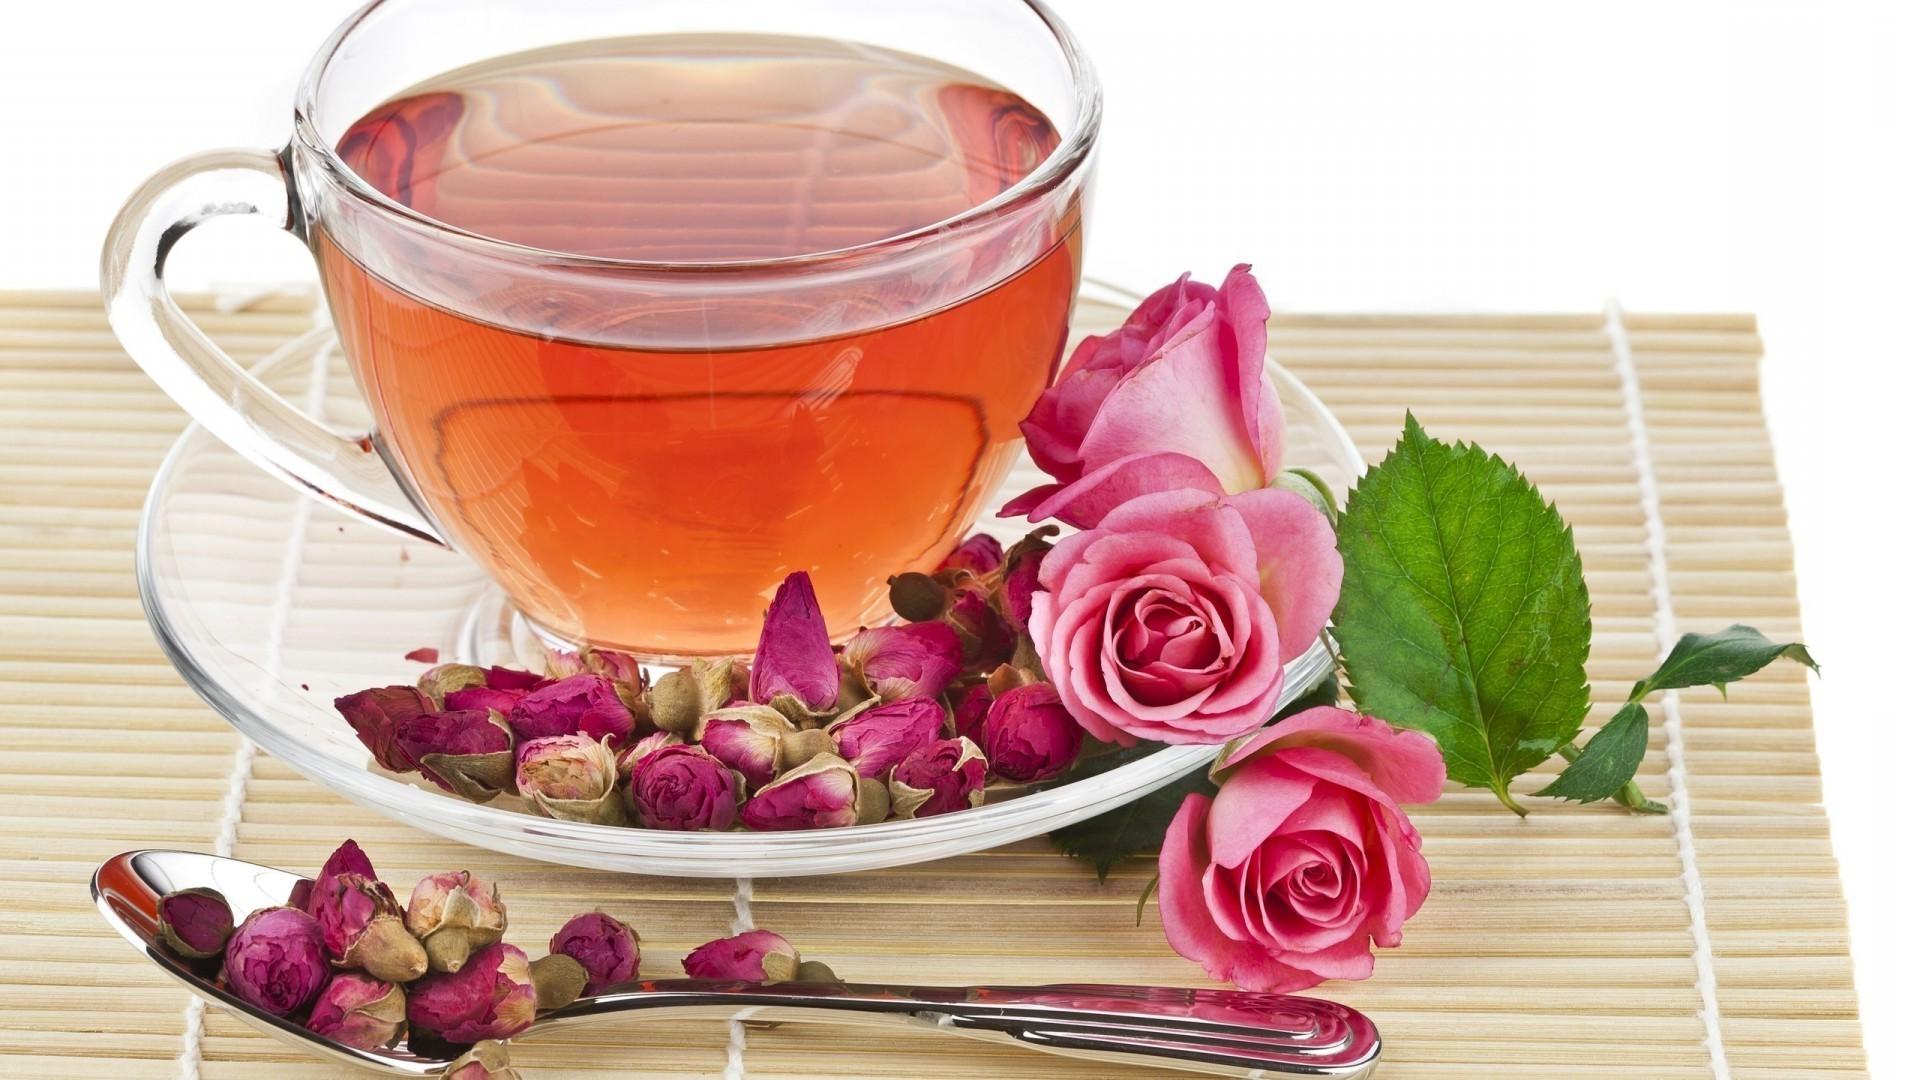 розы книга чай чайник кружка бесплатно